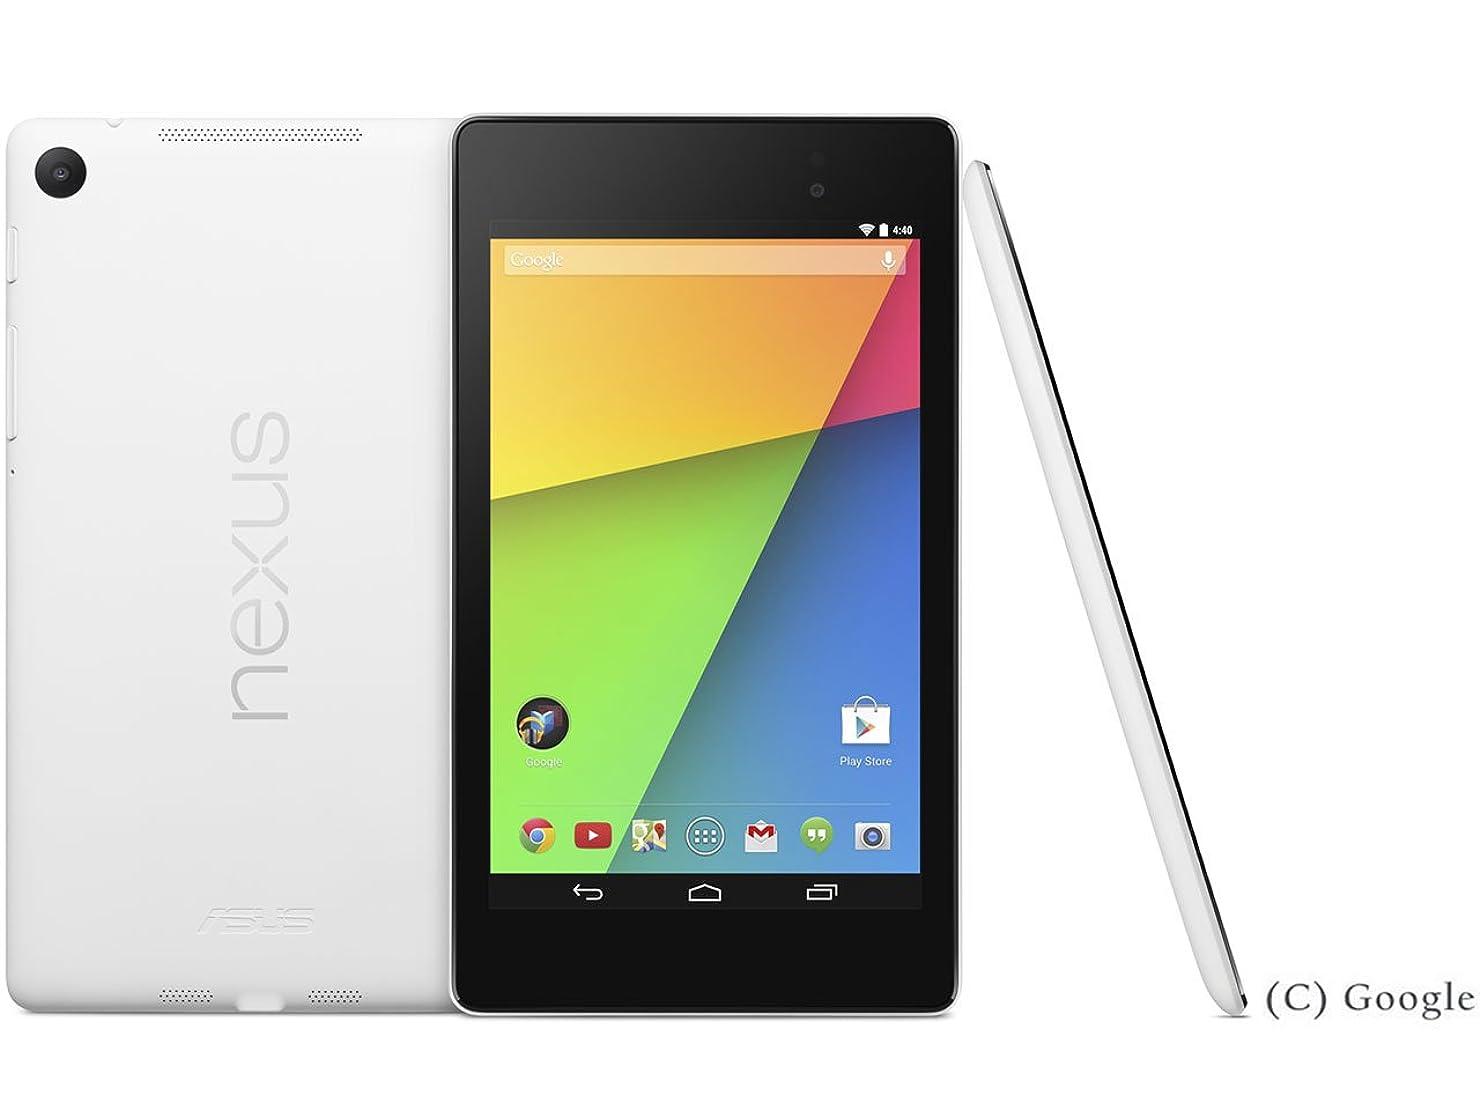 典型的な一貫性のない動物Nexus 7 Wi-Fiモデル 32GB ME571-WH32G ホワイト [2013] (ホワイト)